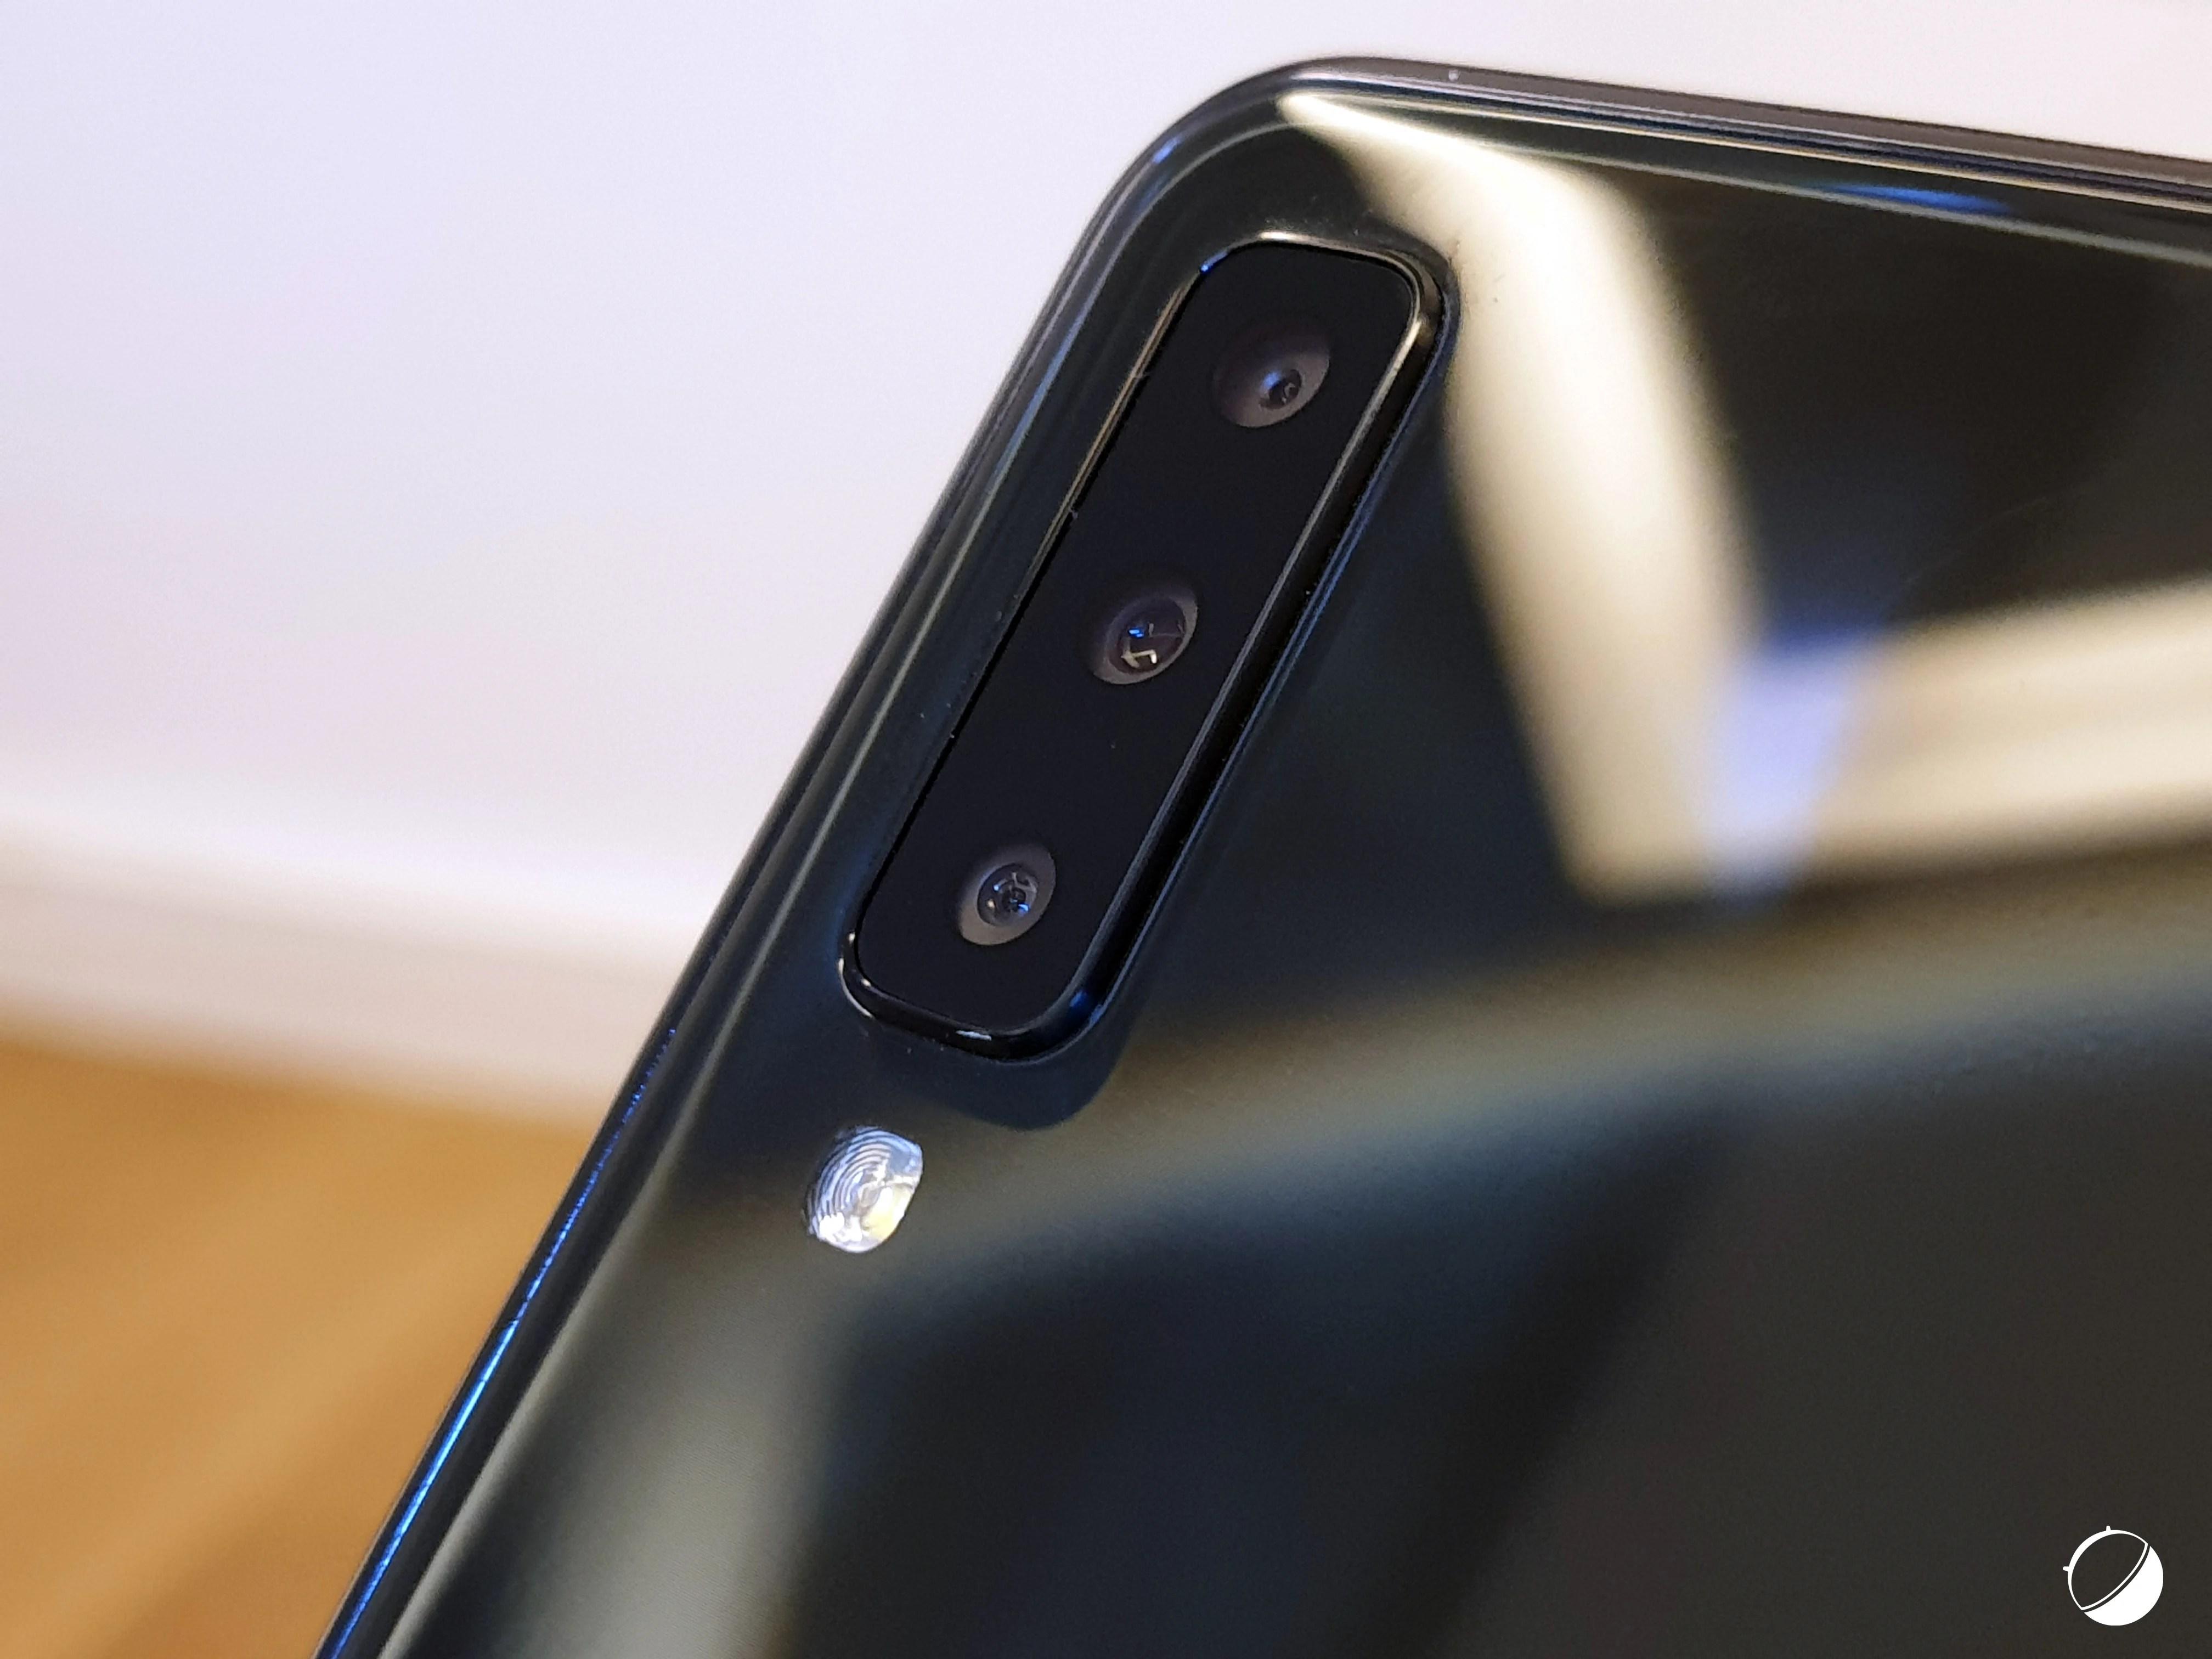 3 actualités qui ont marqué la semaine : Galaxy A7 officialisé, image du OnePlus 6T et Free VS Orange